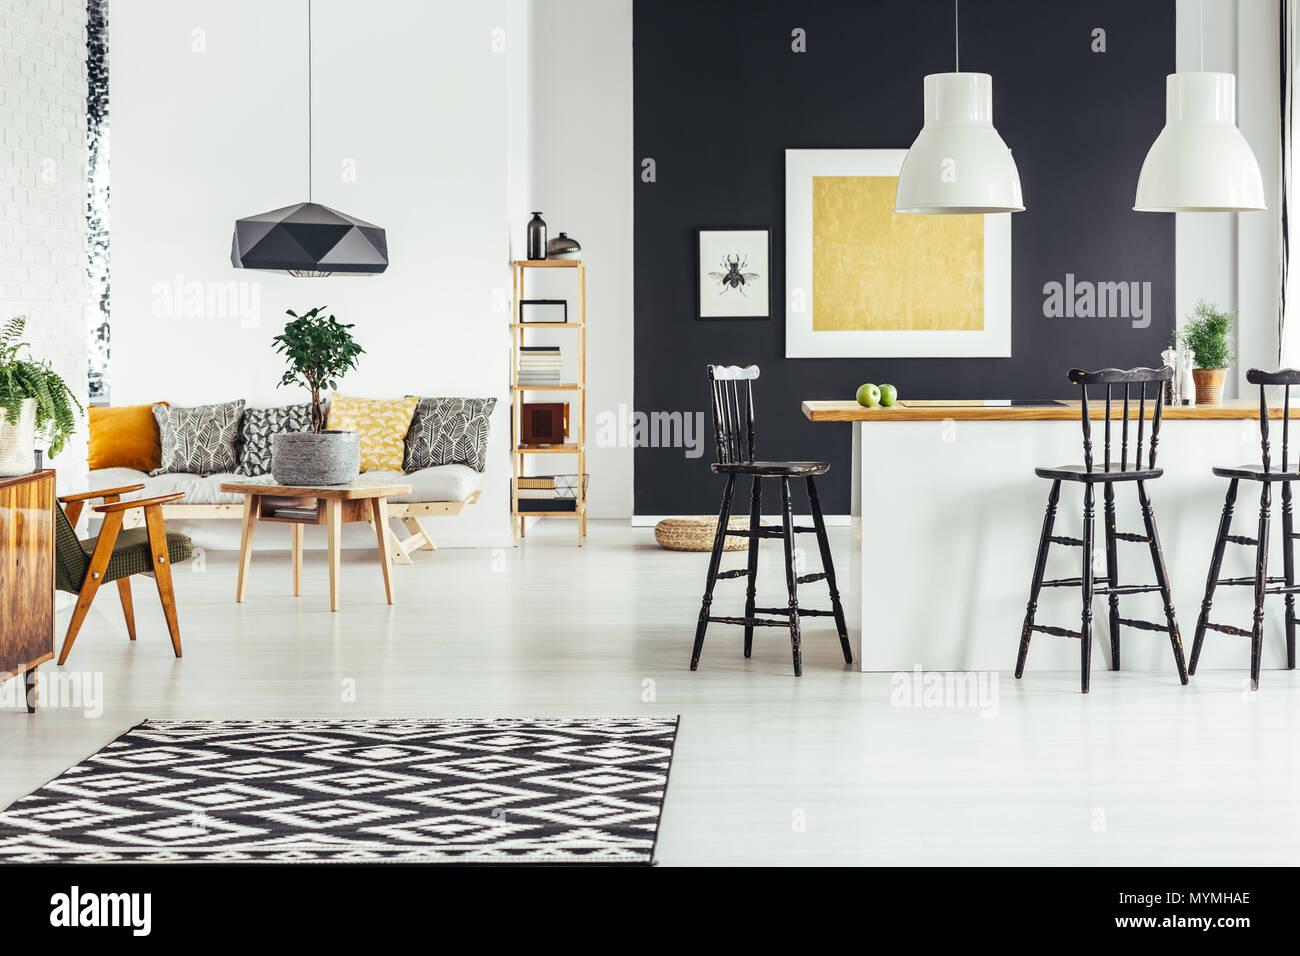 Nero lampada progettata al di sopra di classico tavolo in legno